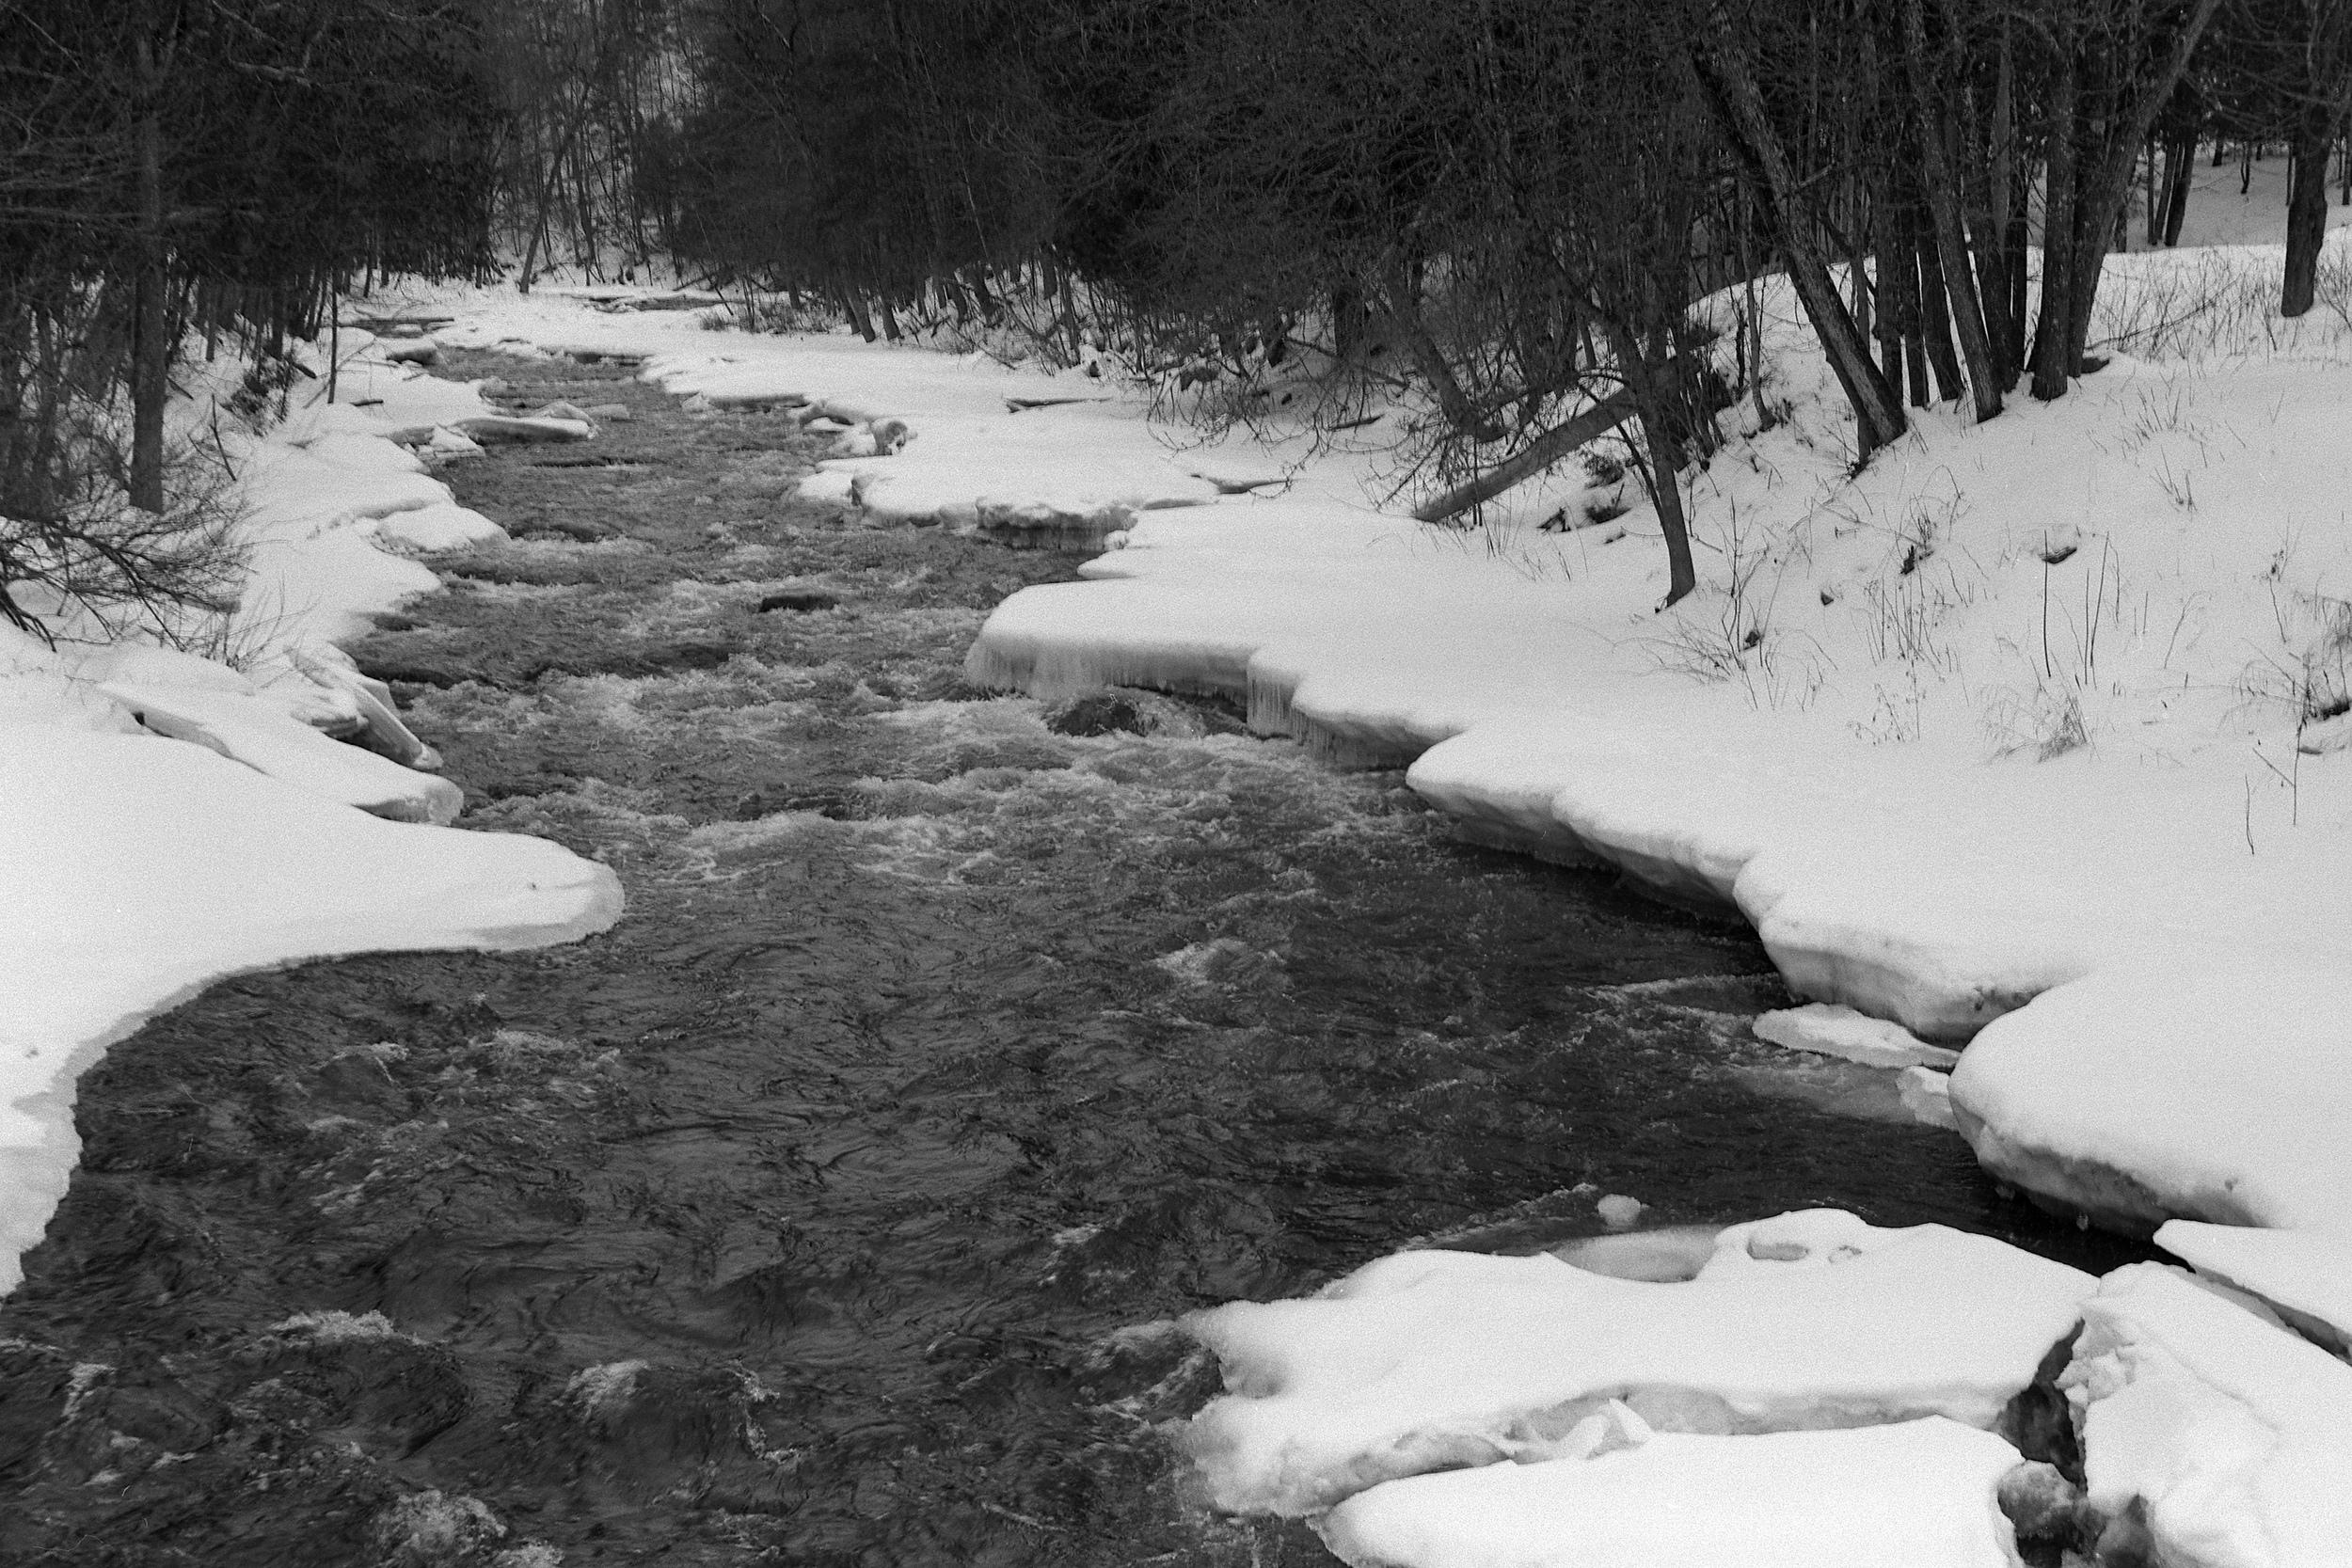 Black water white snow | Rodenstock Clarovid | delta400 | Howard Sandler